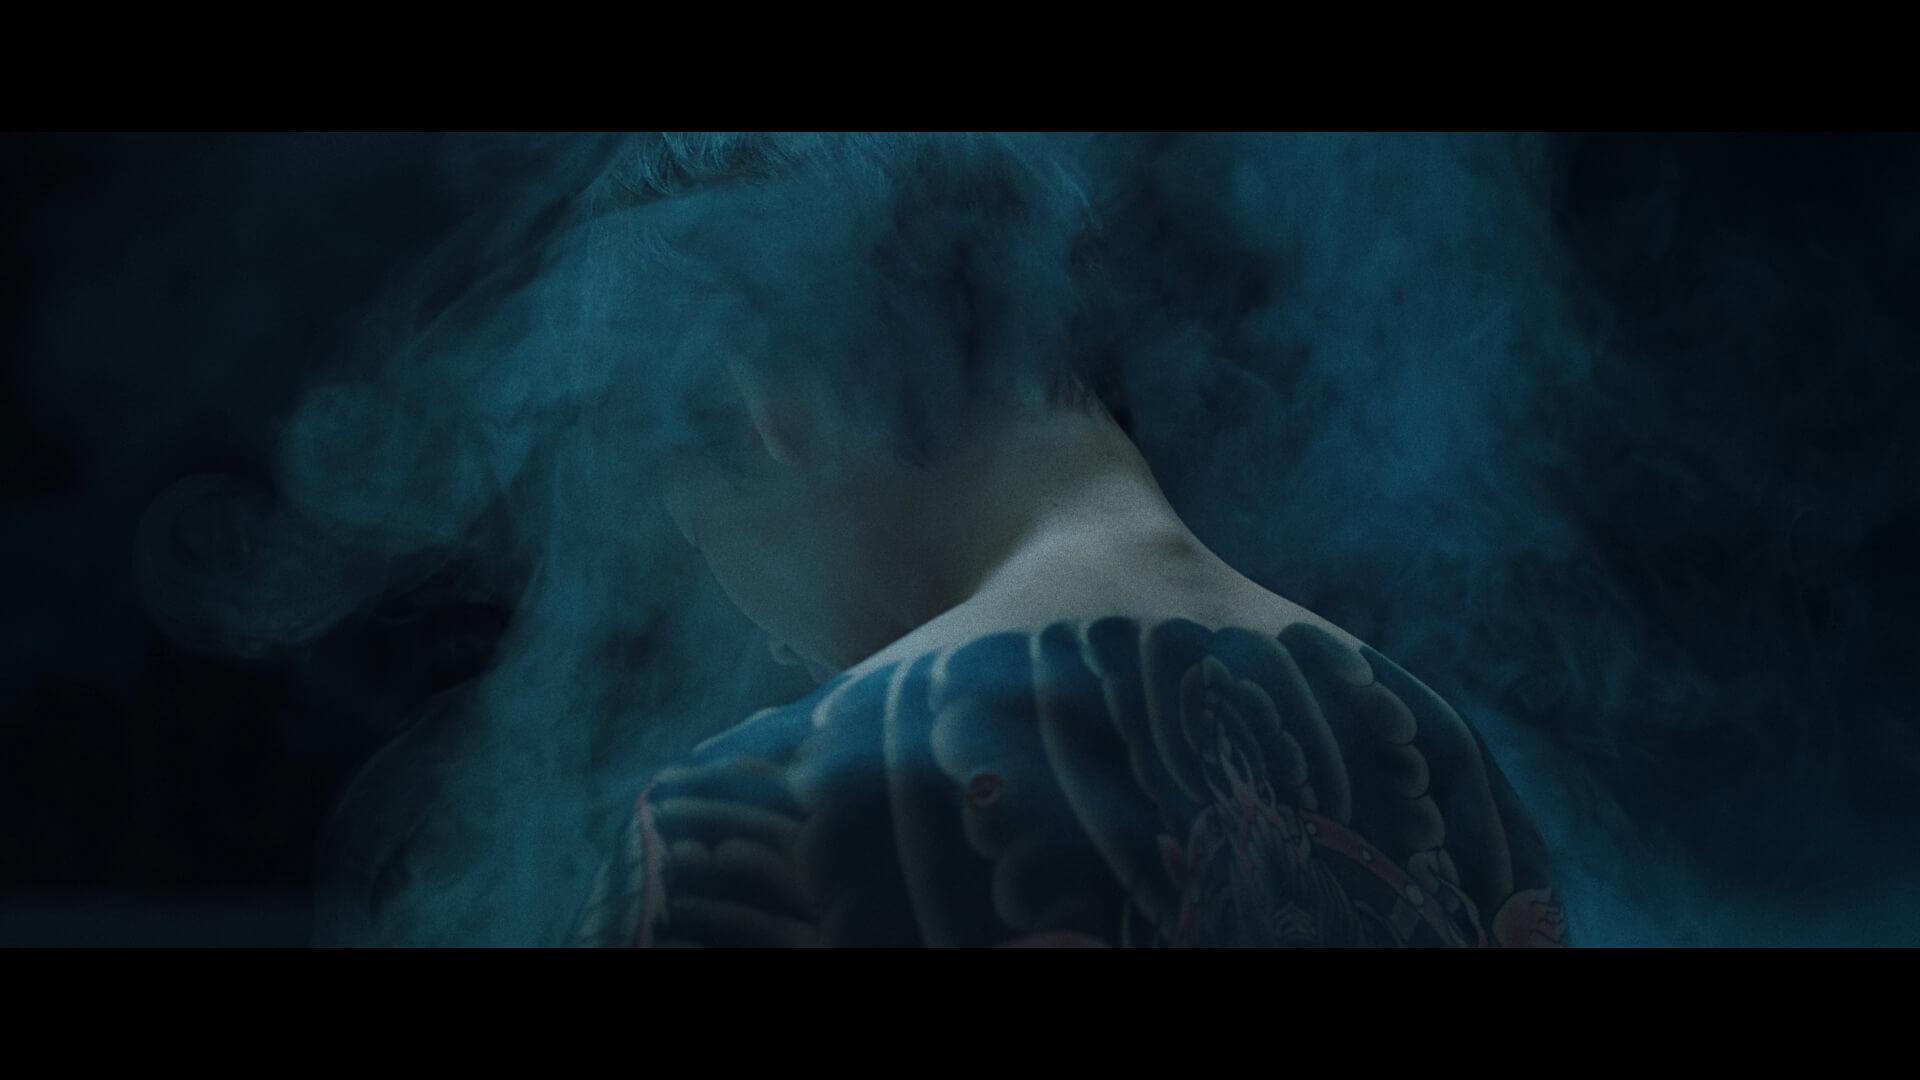 """常田大希率いるmillennium paradeの新曲""""FAMILIA""""が配信開始&MV解禁!『ヤクザと家族 The Family』の綾野剛らも出演 music210120_millenniumparade_1"""